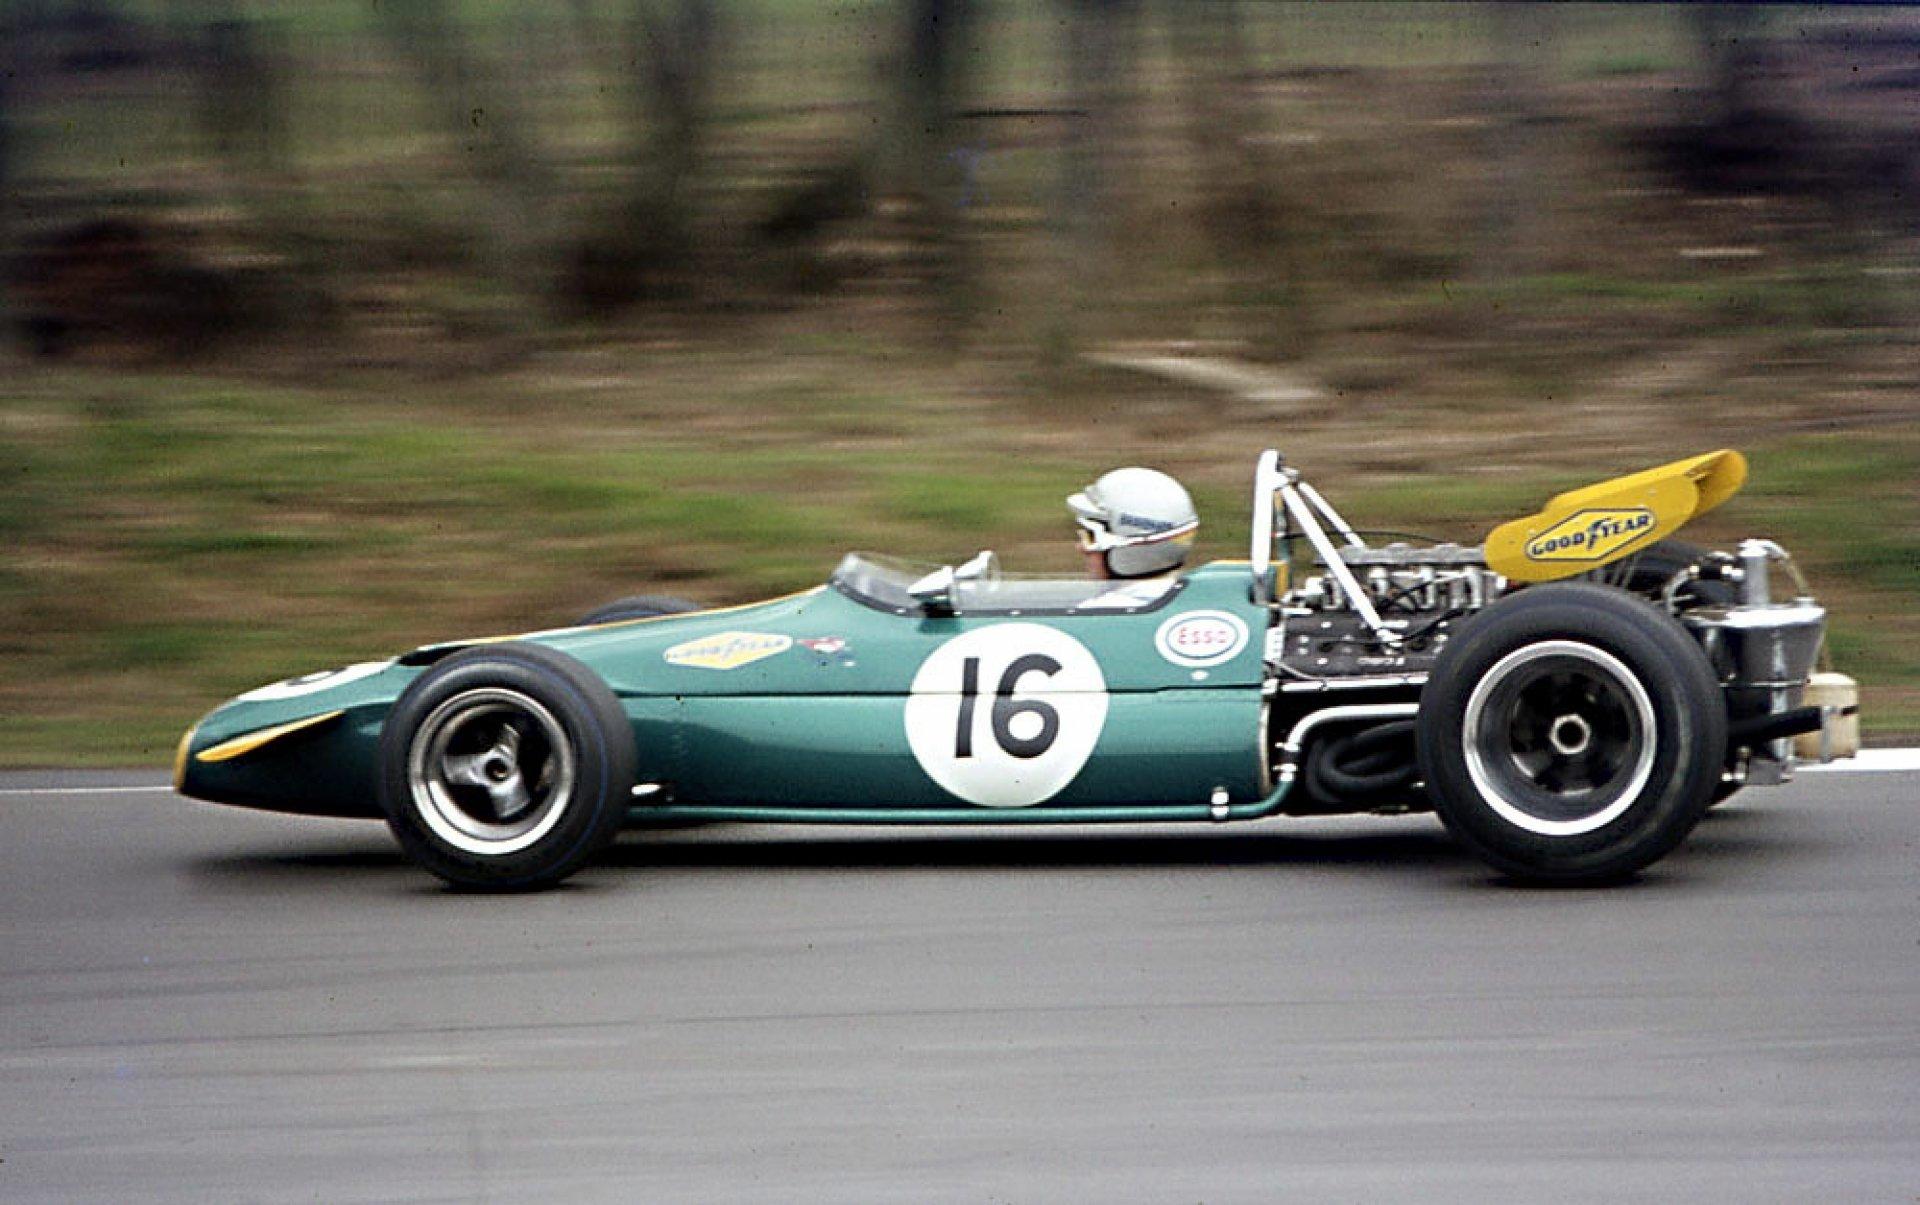 1970 ble Brabhams siste sesong, og han var mer enn konkurransedyktig.